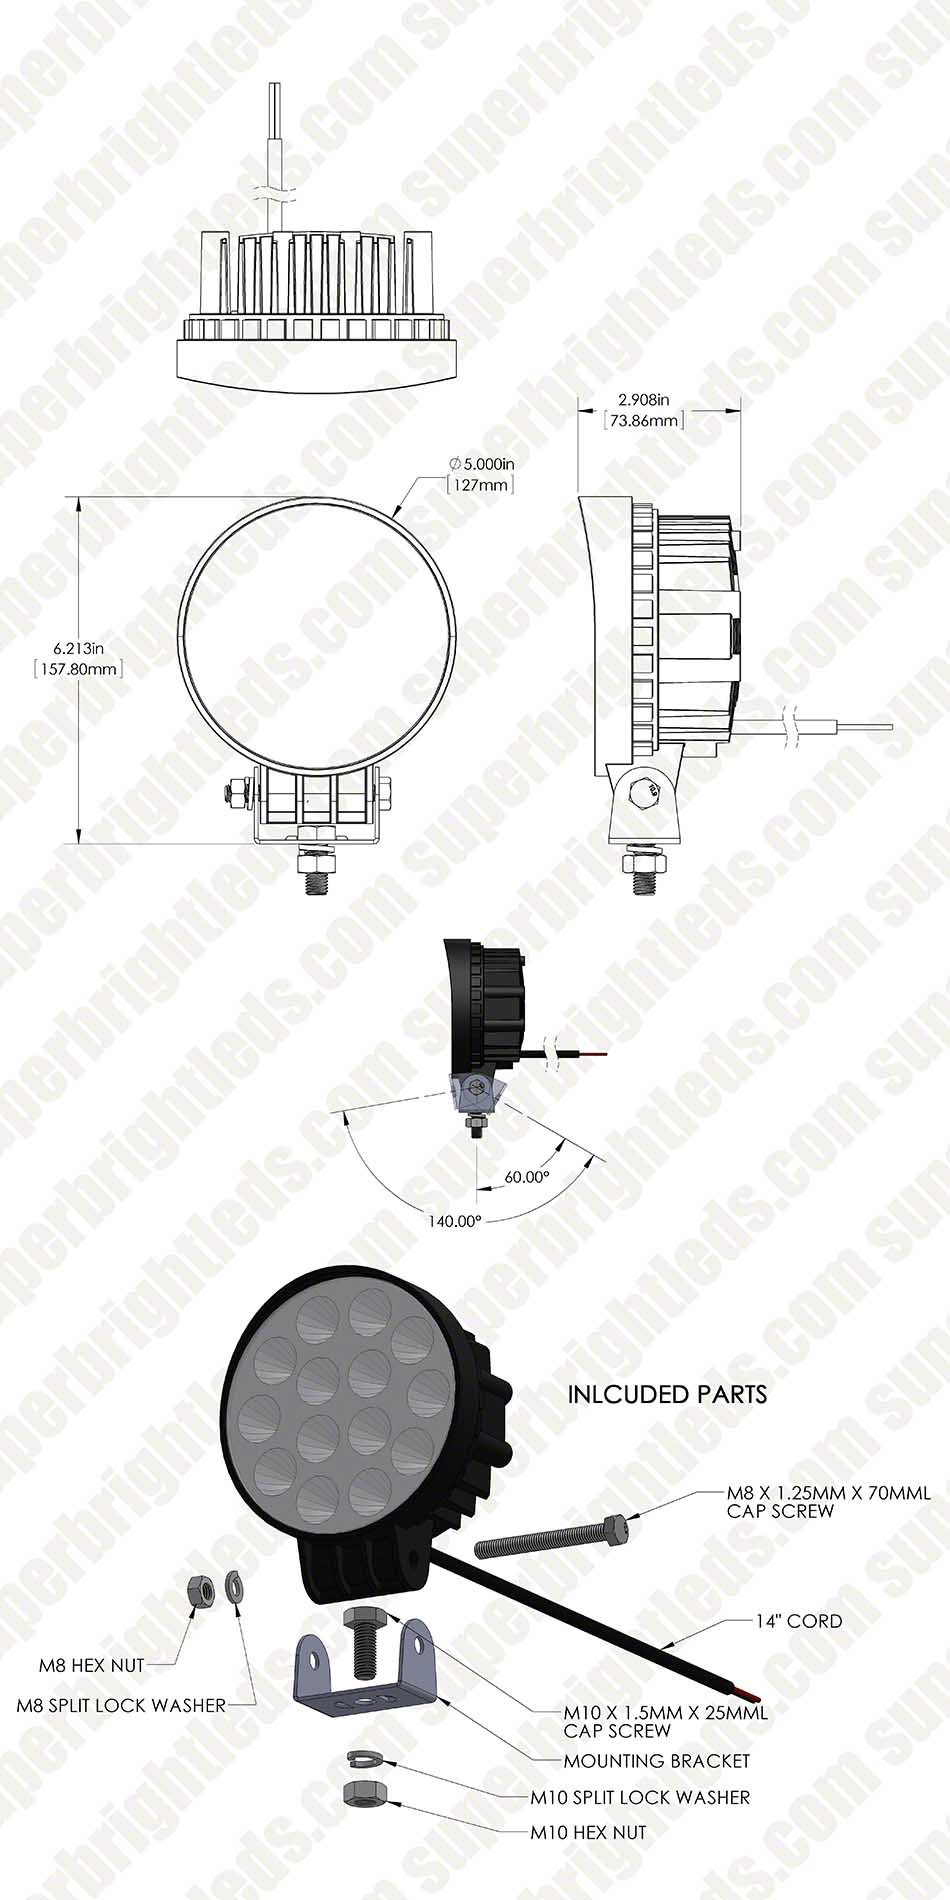 SQUARE LAMP PARTS WLS FORKLIFT WORK LED LAMP 12-48 VDC